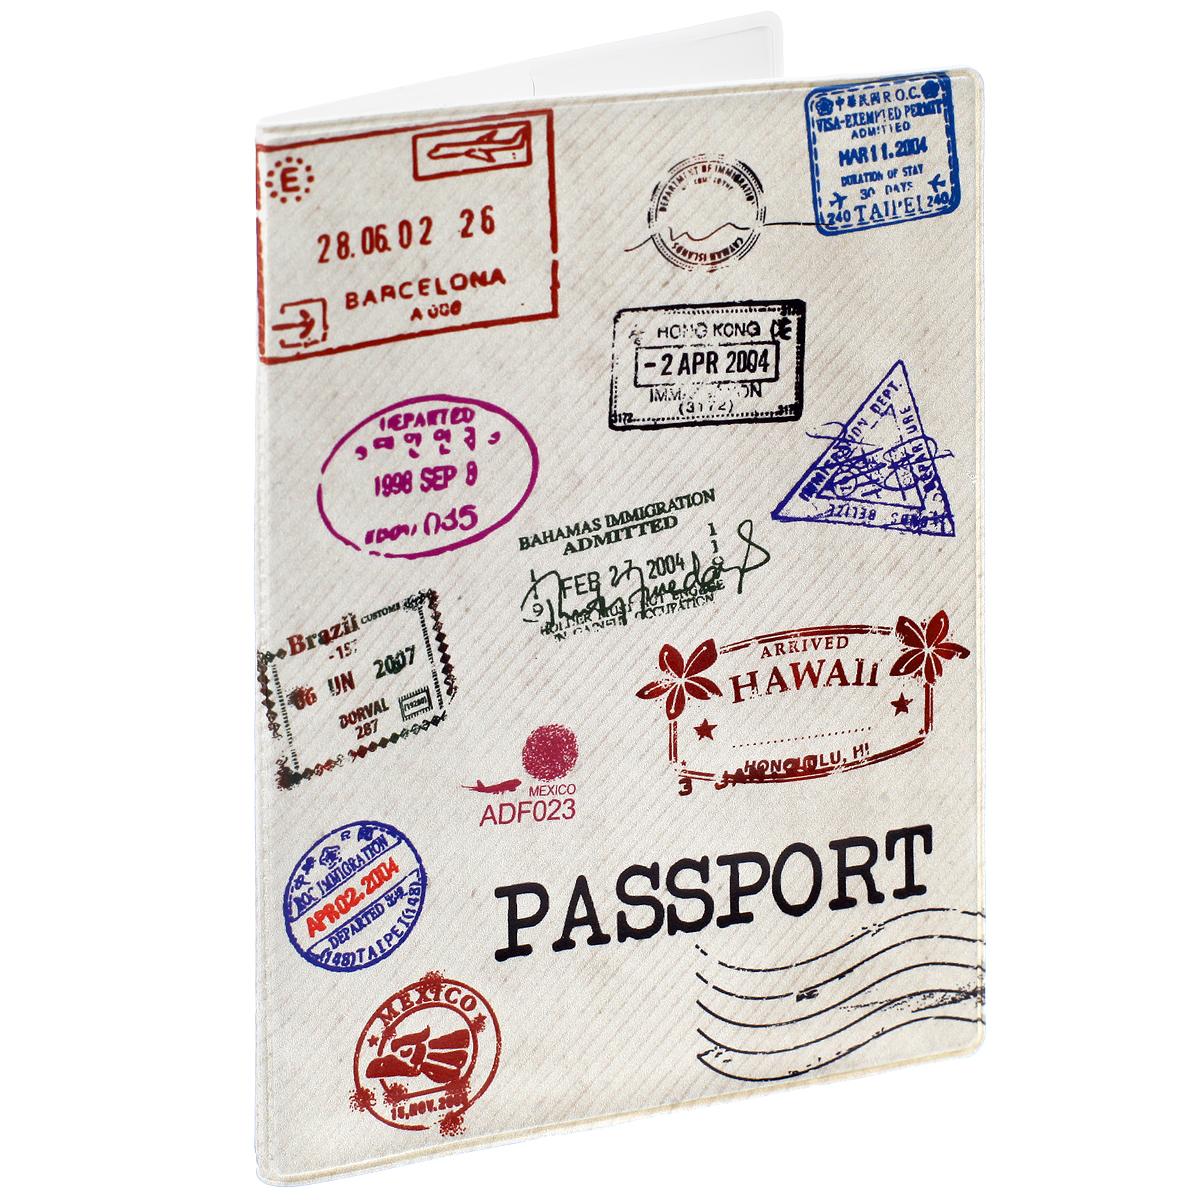 Обложка для паспорта Почтовые штампы, цвет: бежевый. 3239832398Обложка для паспорта Почтовые штампы не только поможет сохранить внешний вид ваших документов и защитить их от повреждений, но и станет стильным аксессуаром, идеально подходящим вашему образу. Обложка выполнена из поливинилхлорида и оформлена оригинальным изображением почтовых штампов. Внутри имеет два вертикальных кармана из прозрачного пластика. Такая обложка поможет вам подчеркнуть свою индивидуальность и неповторимость!